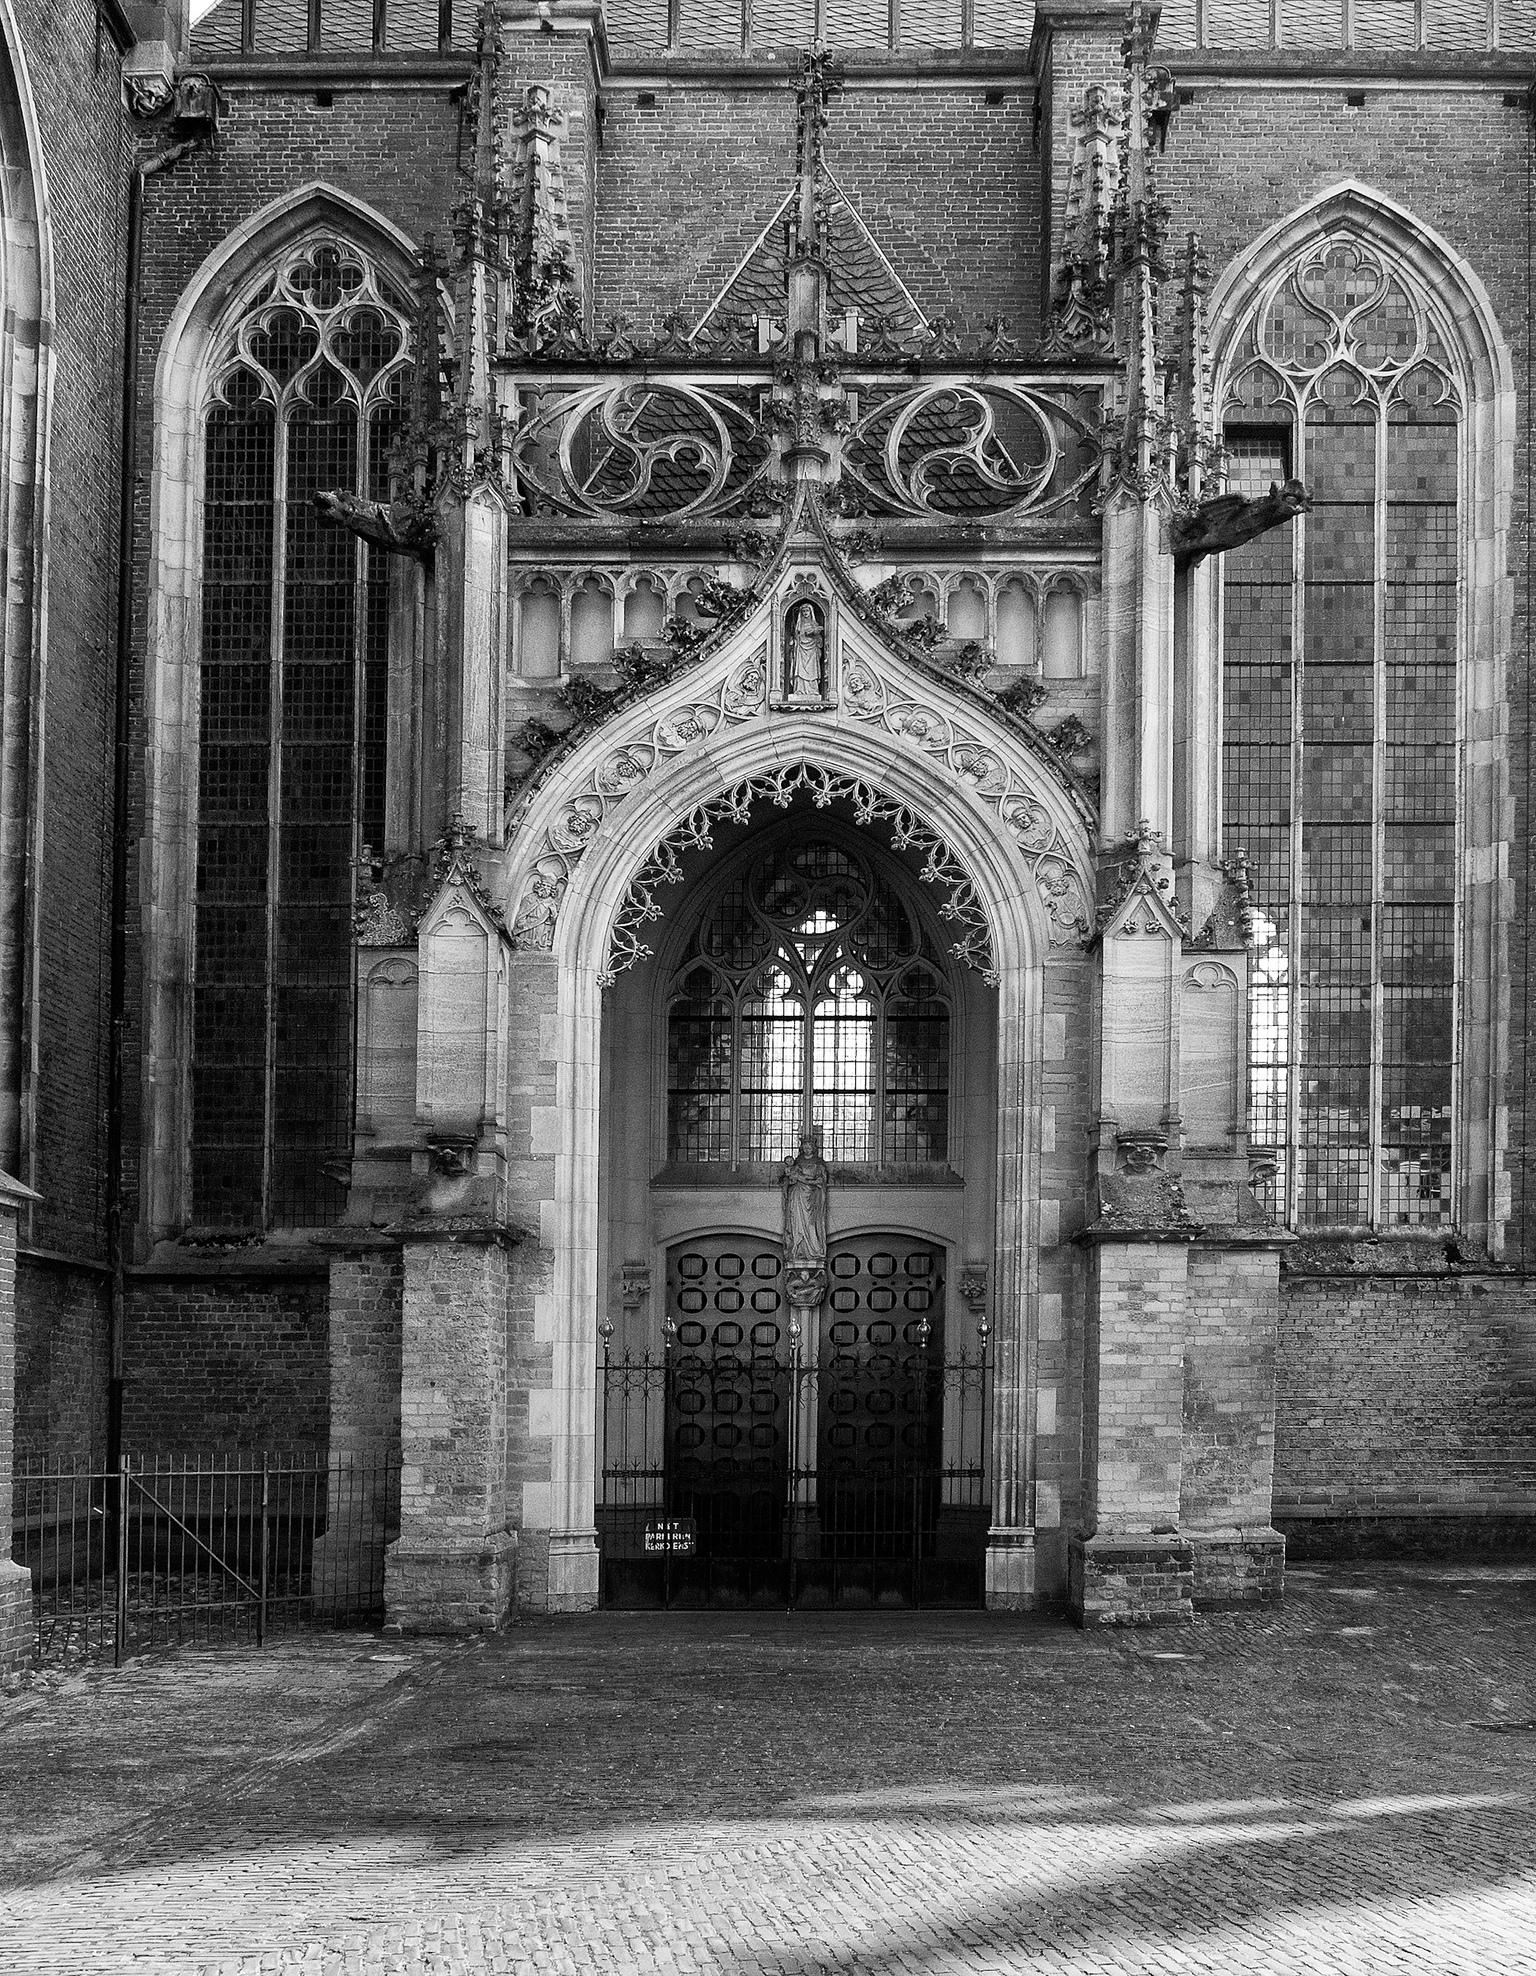 Mariakapel - Walburgiskerk Zutphen - foto door viterson op 16-04-2021 - locatie: Zutphen, Nederland - deze foto bevat: zwart, door, zwart en wit, stijl, monochroom, facade, symmetrie, monochrome fotografie, kerk, boog